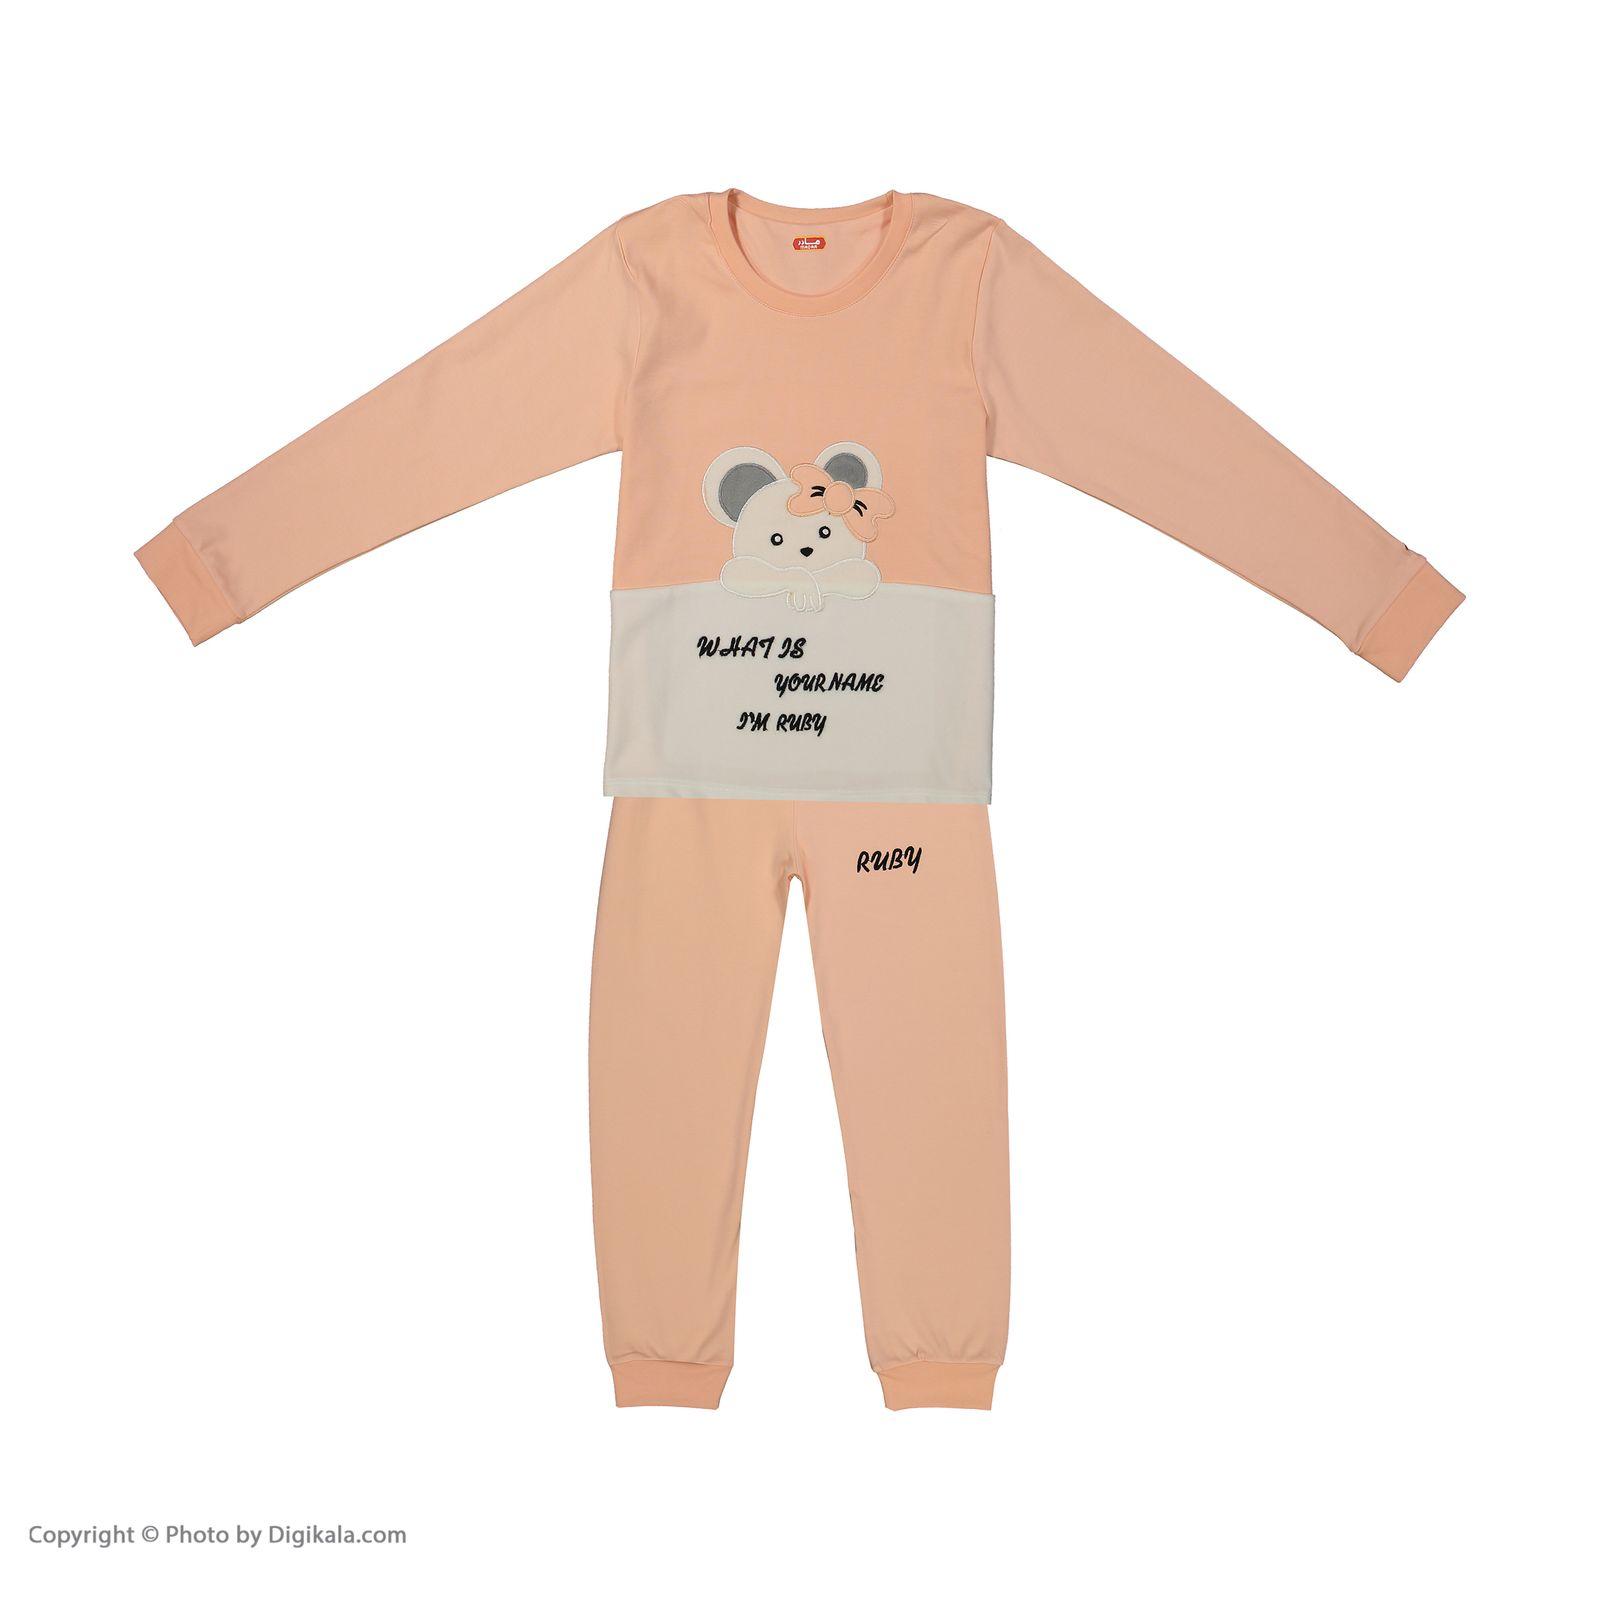 ست تی شرت و شلوار دخترانه مادر مدل 301-80 main 1 1